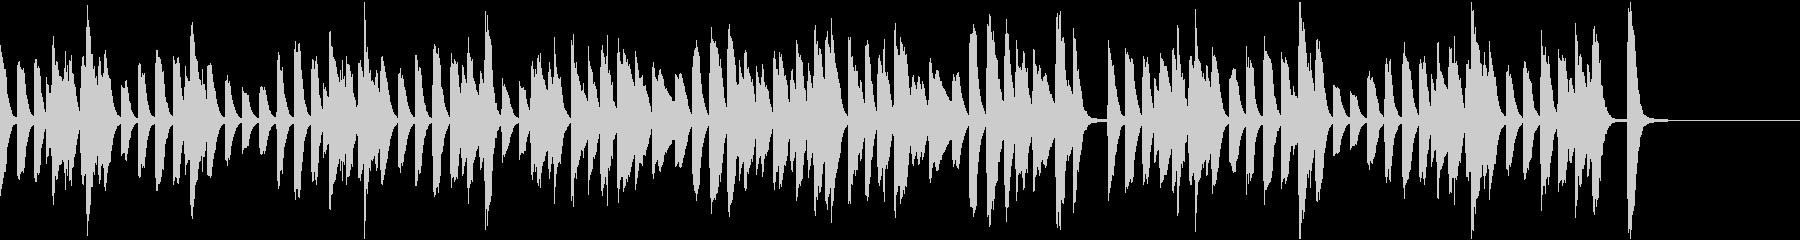 軽快で可愛らしい映像用ピアノソロの未再生の波形